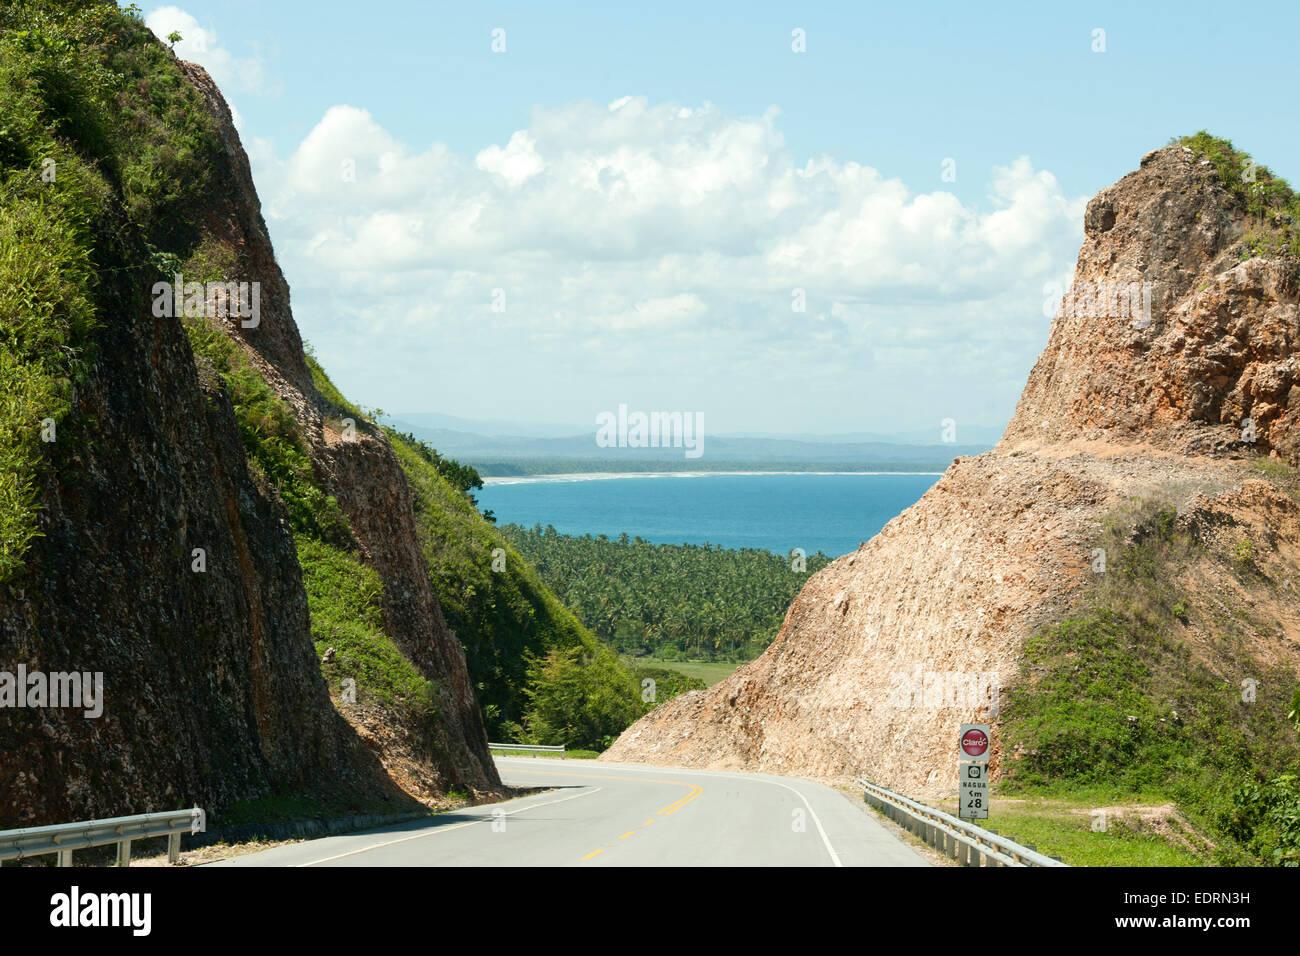 Dominikanische Republik, Halbinsel Samana, Boulevard Turistico del Atlantico eine der Nordküste Zwischen Las Stockbild